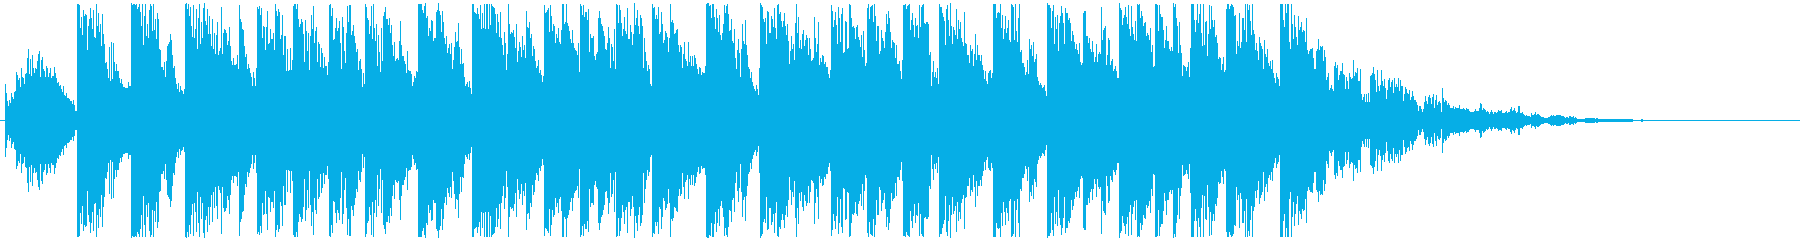 コーナータイトル_NEXT_DANCEの再生済みの波形